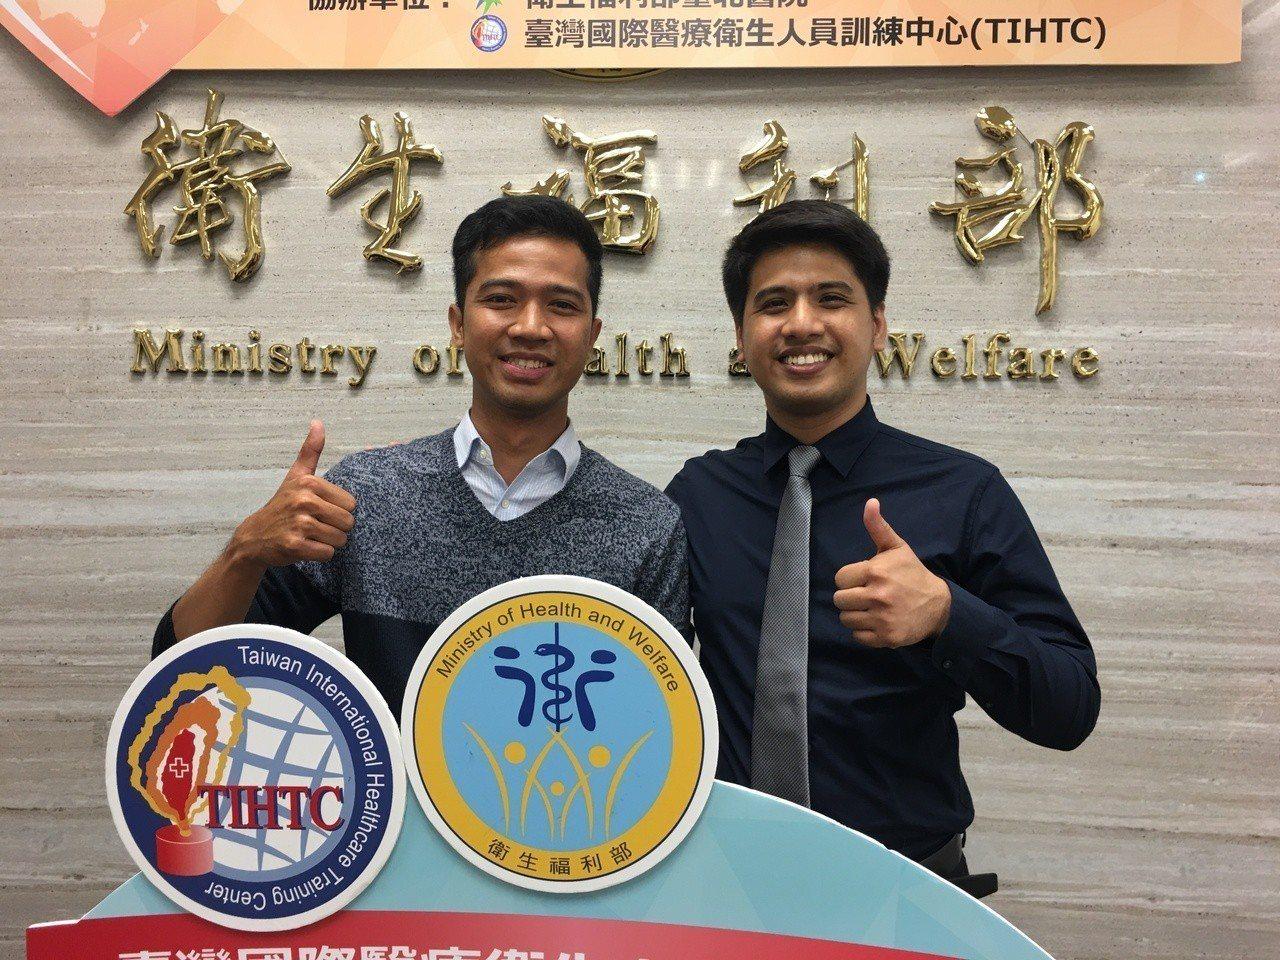 菲律賓牙醫師Jay(右)和印尼護理師Aric(左)都是「國際醫療衛生人員訓練中心...